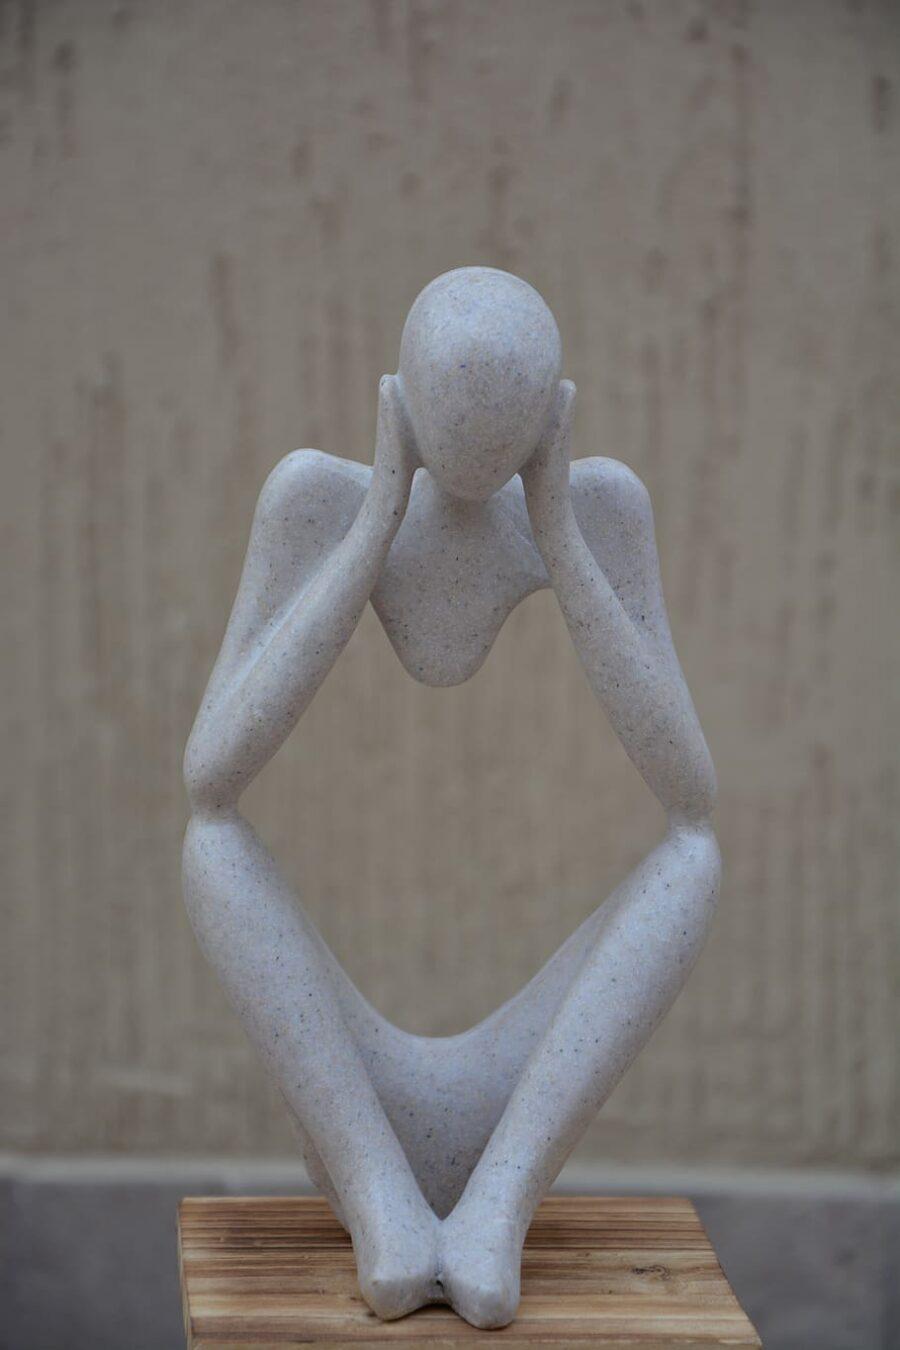 zespół aspergera rzeźba